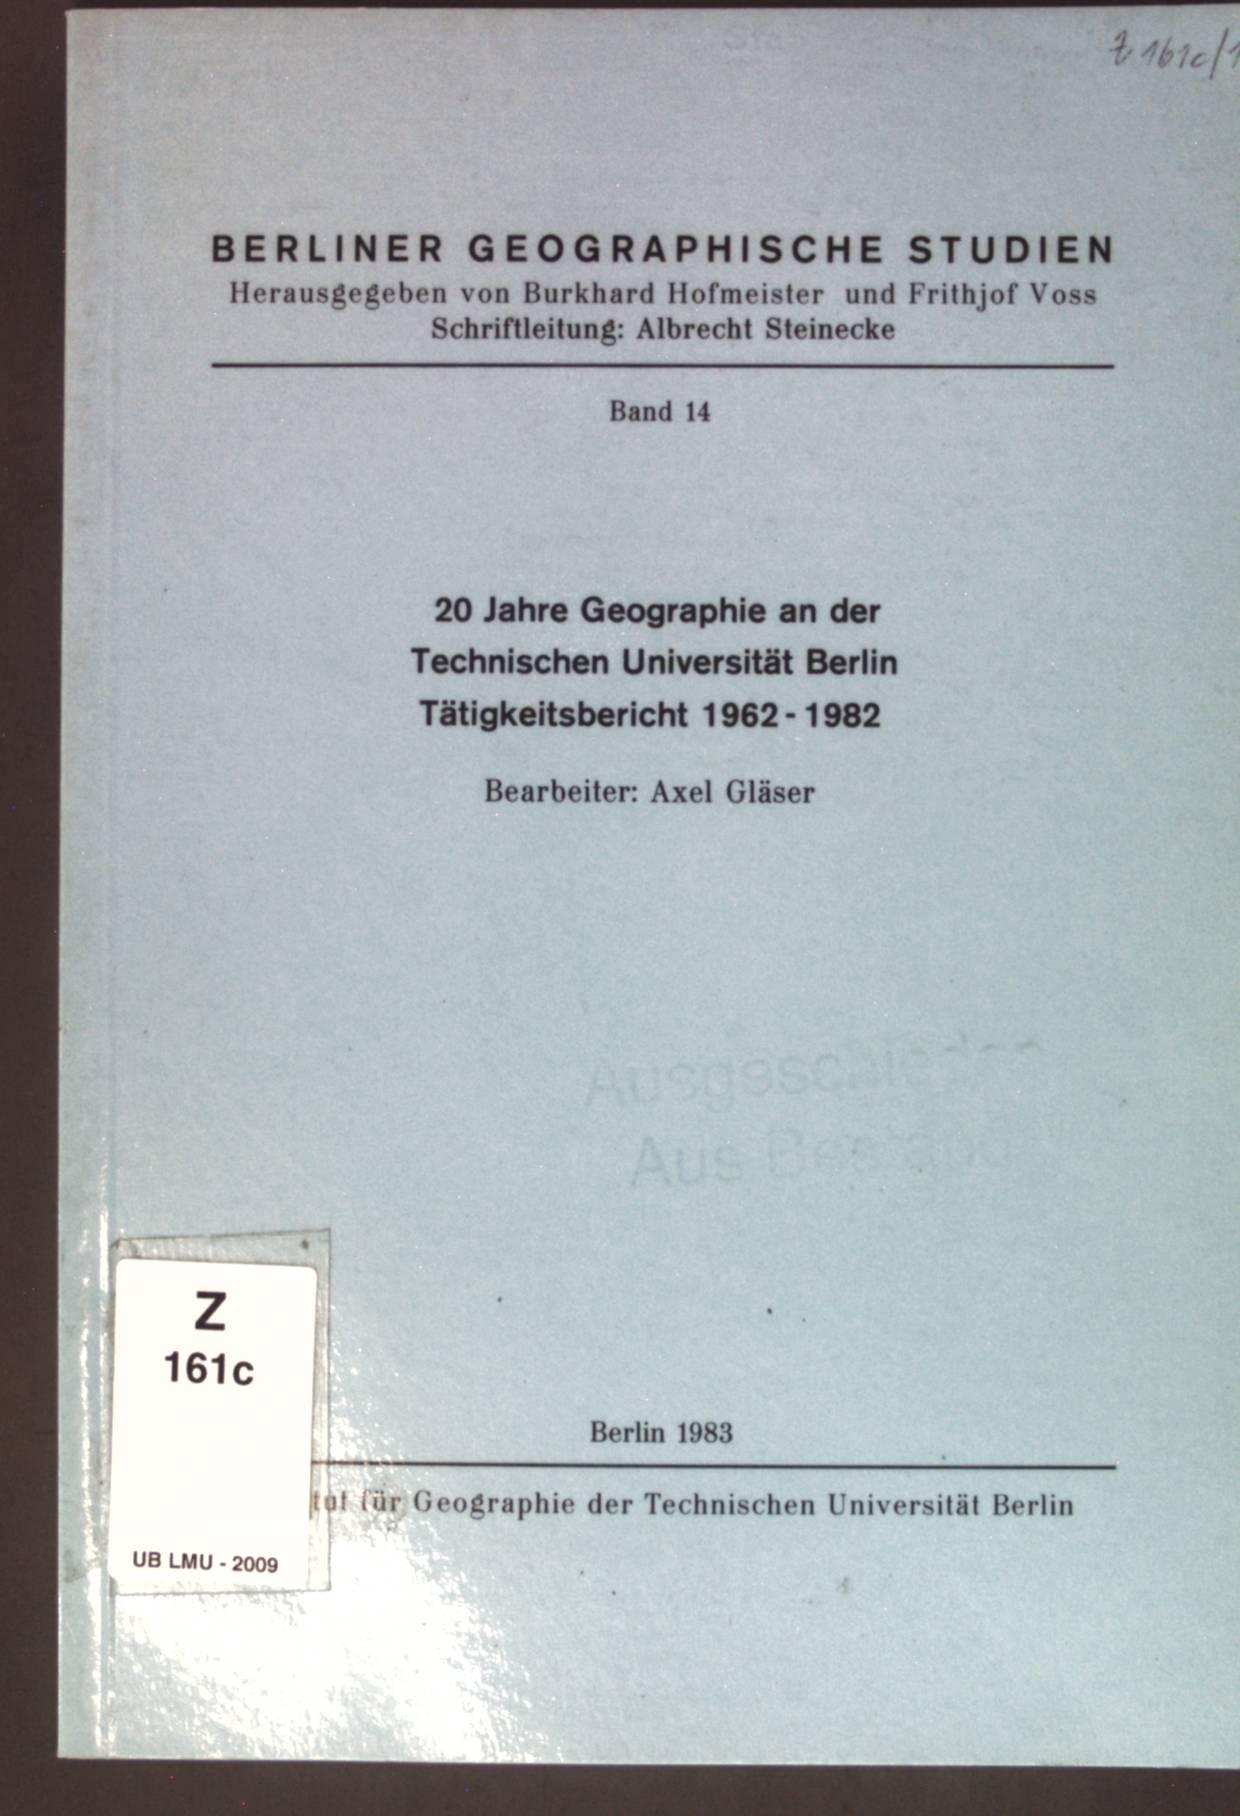 20 Jahre Geographie an der Technischen Universität Berlin : Tätigkeitsbericht 1962 - 1982. Berliner geographische Studien ; Bd. 14 - Gläser, Axel